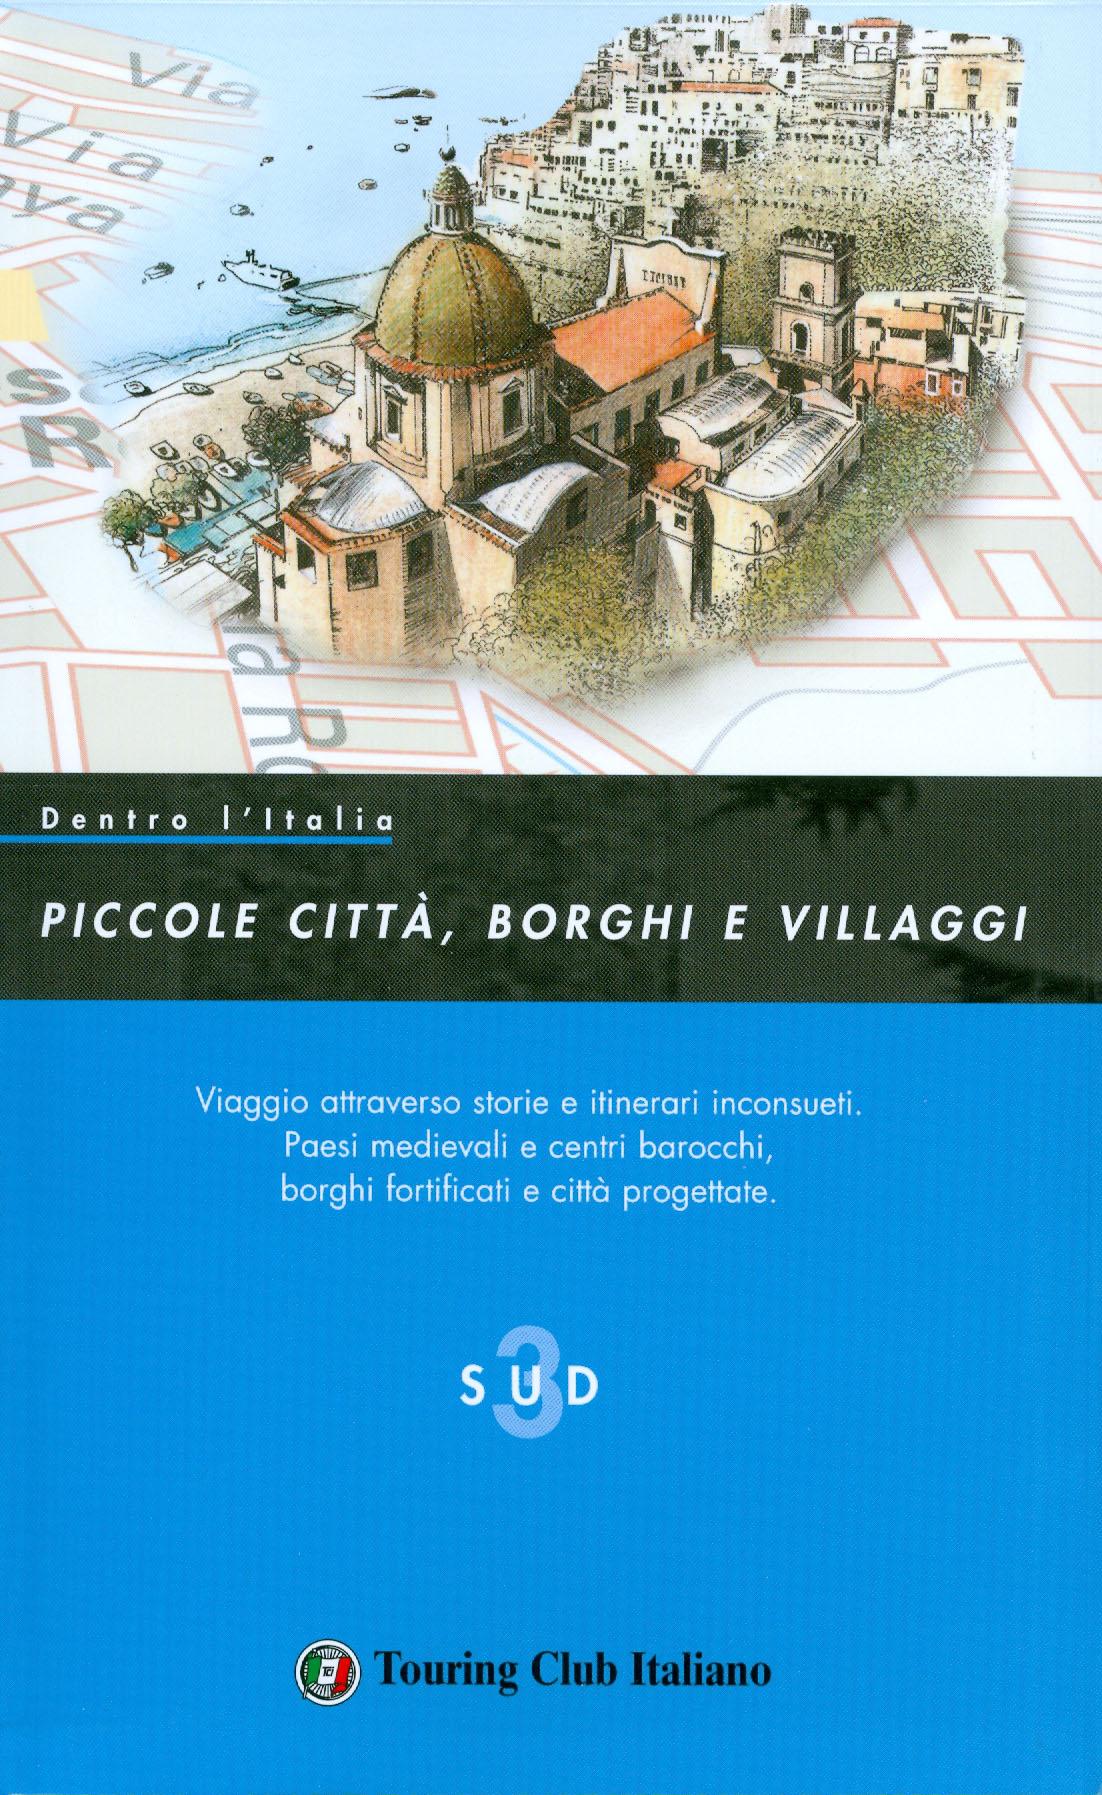 Dentro l'Italia - Piccole città, borghi e villaggi - 3 Sud